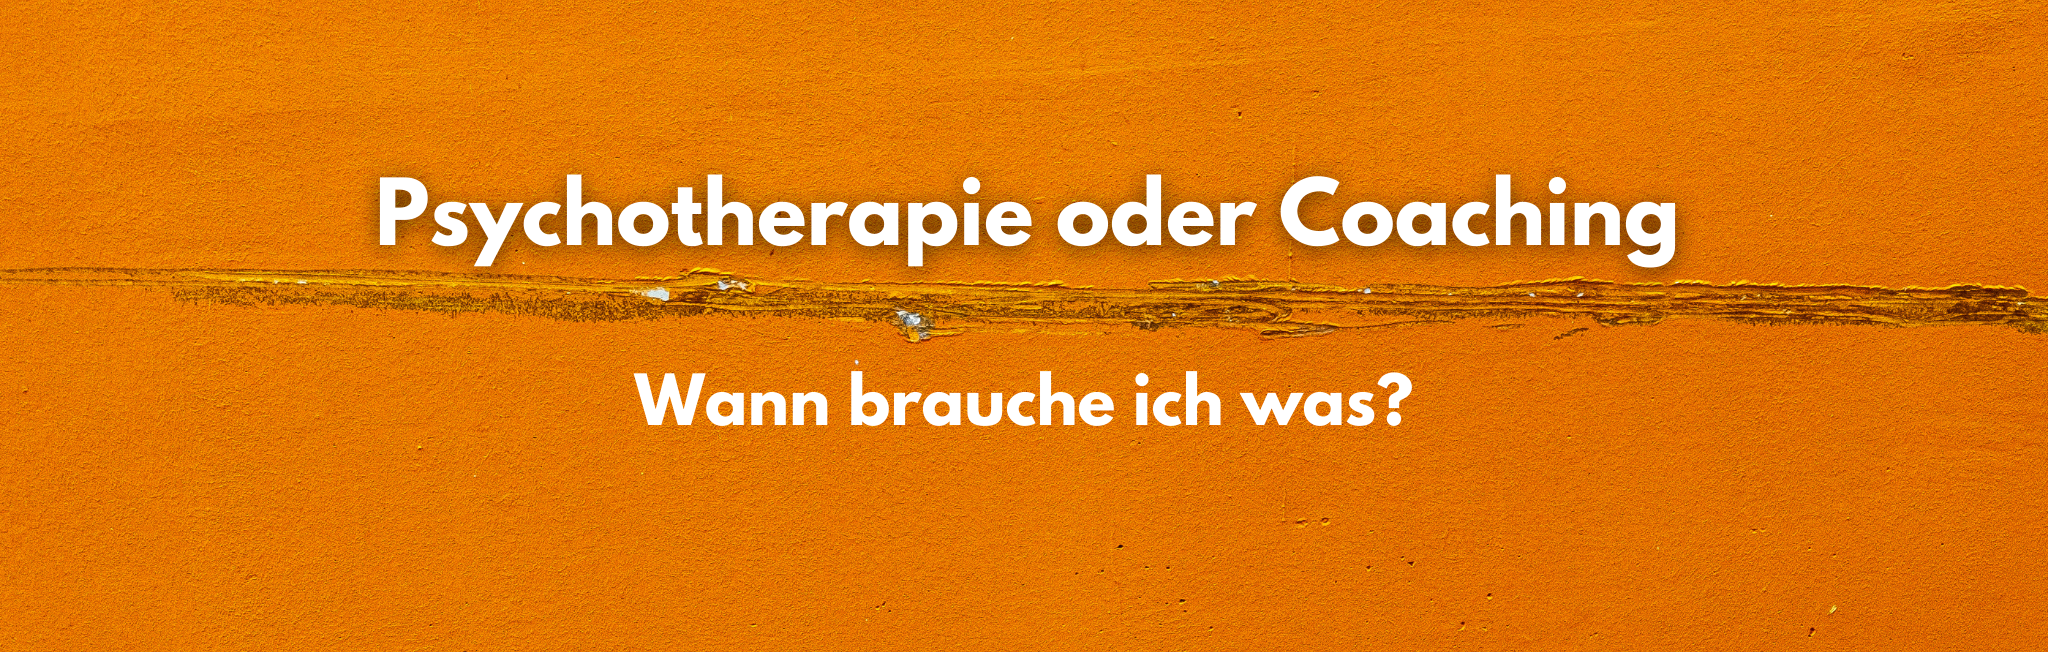 Wann brauche ich eine Psychotherapie und wann ein Coaching?